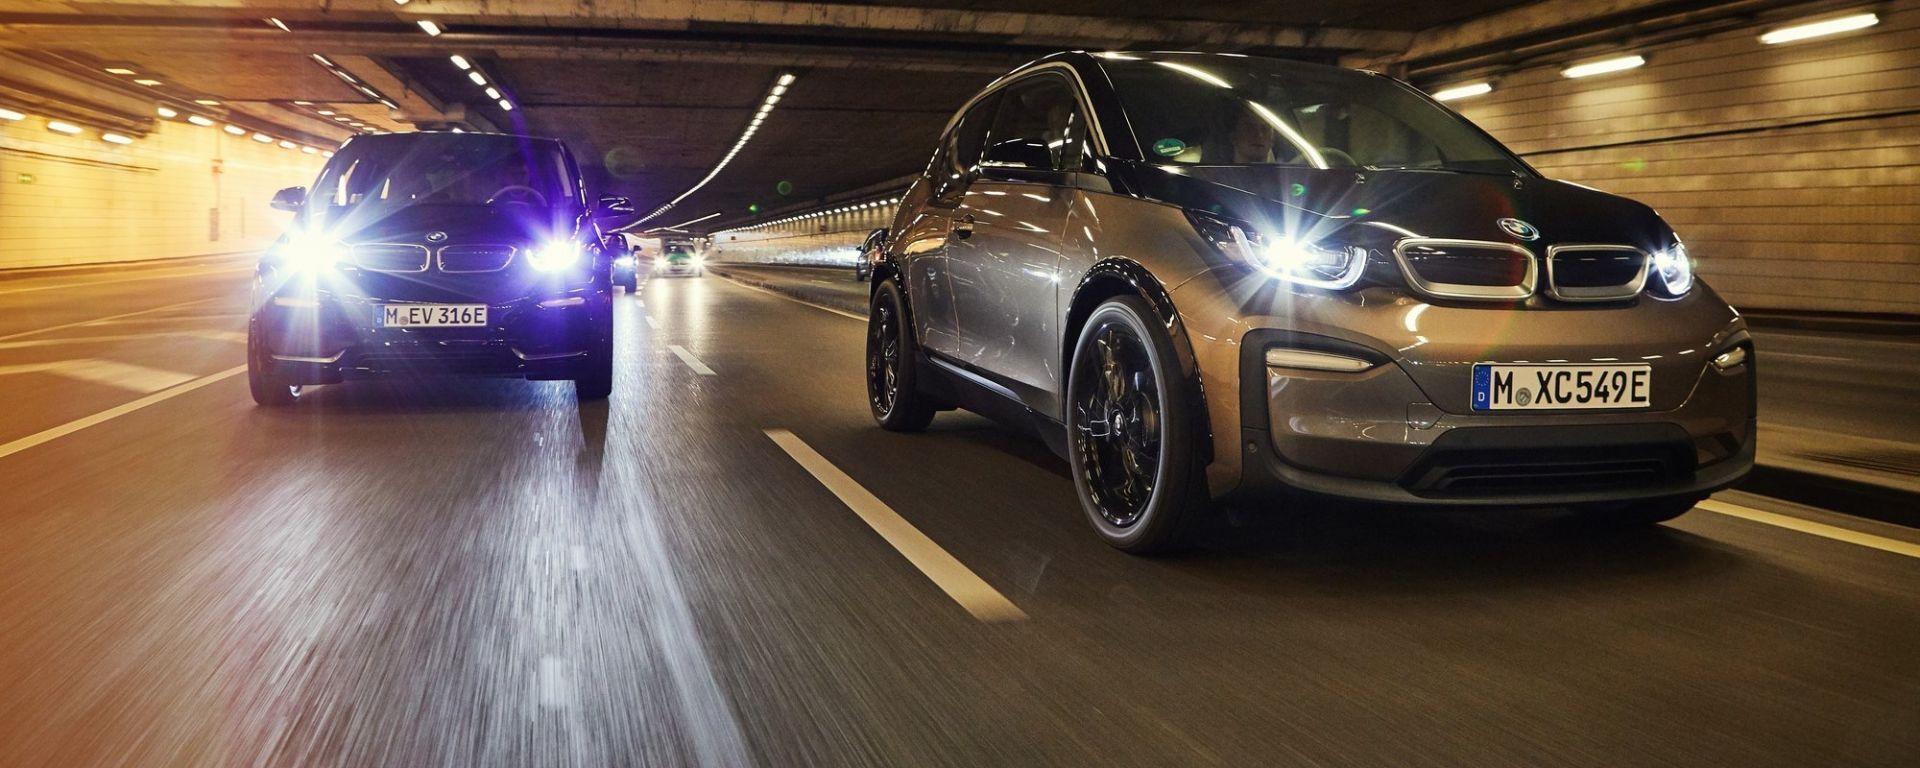 BMW i3 e i3s 120 Ah, più autonomia grazie alle batterie ad alto voltaggio